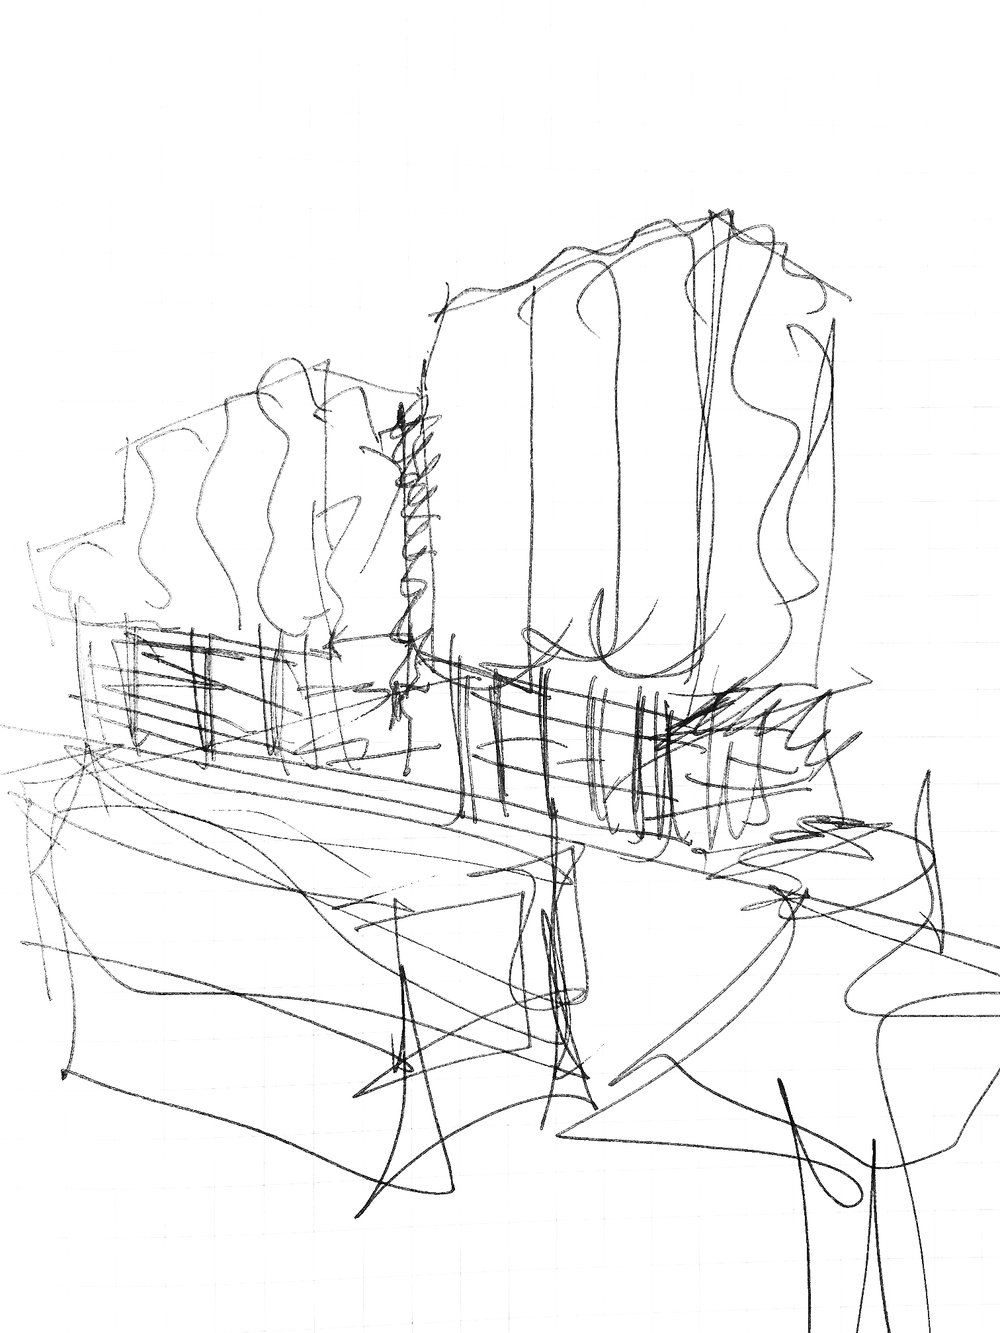 Gair's Handsketch.JPG